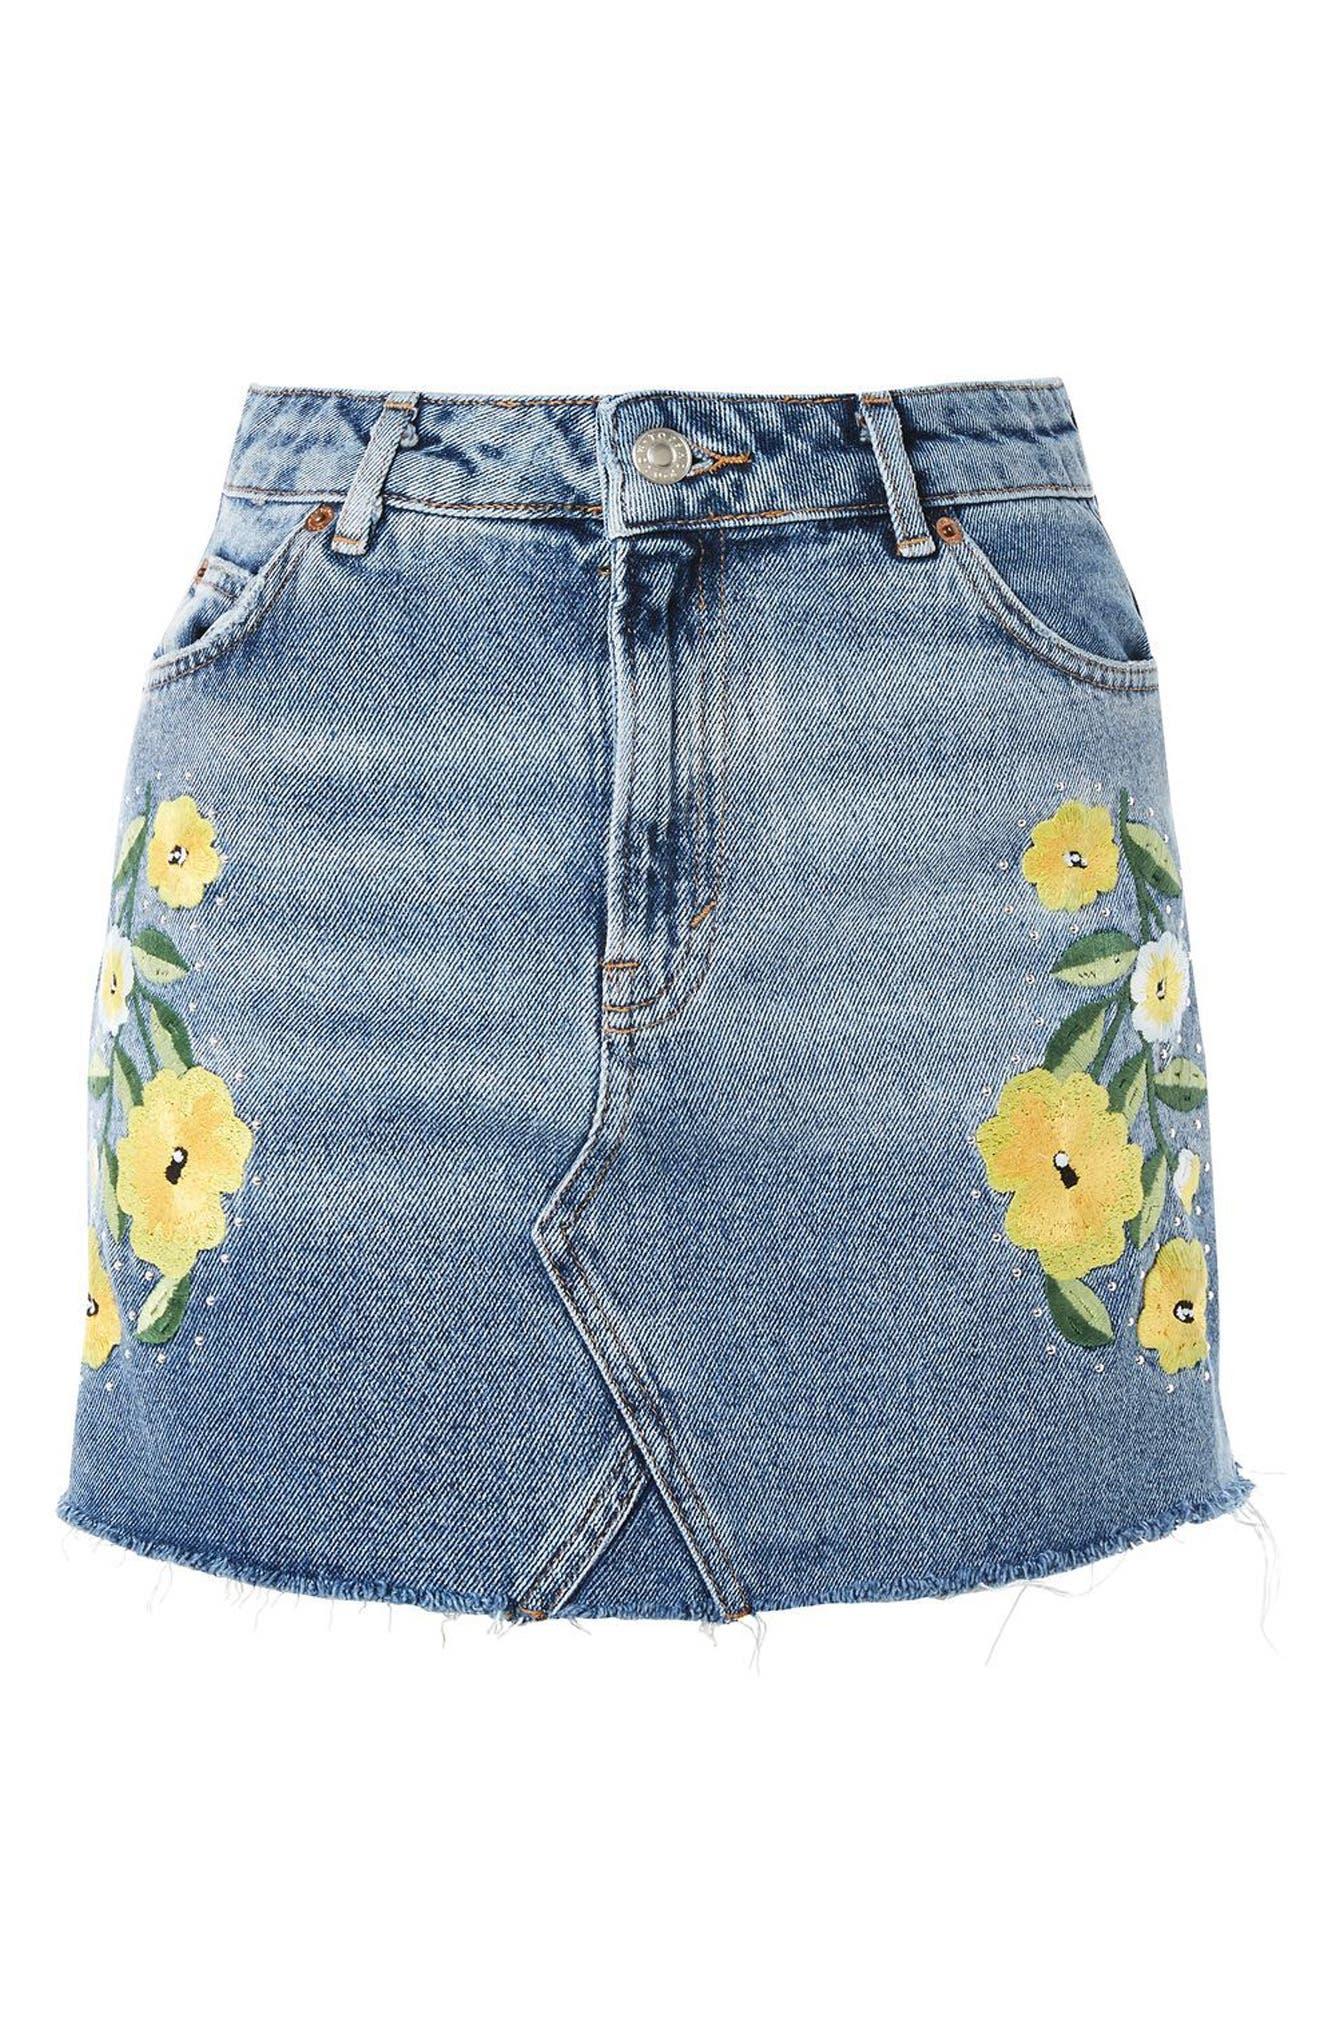 Topshop Floral Stud Denim Miniskirt